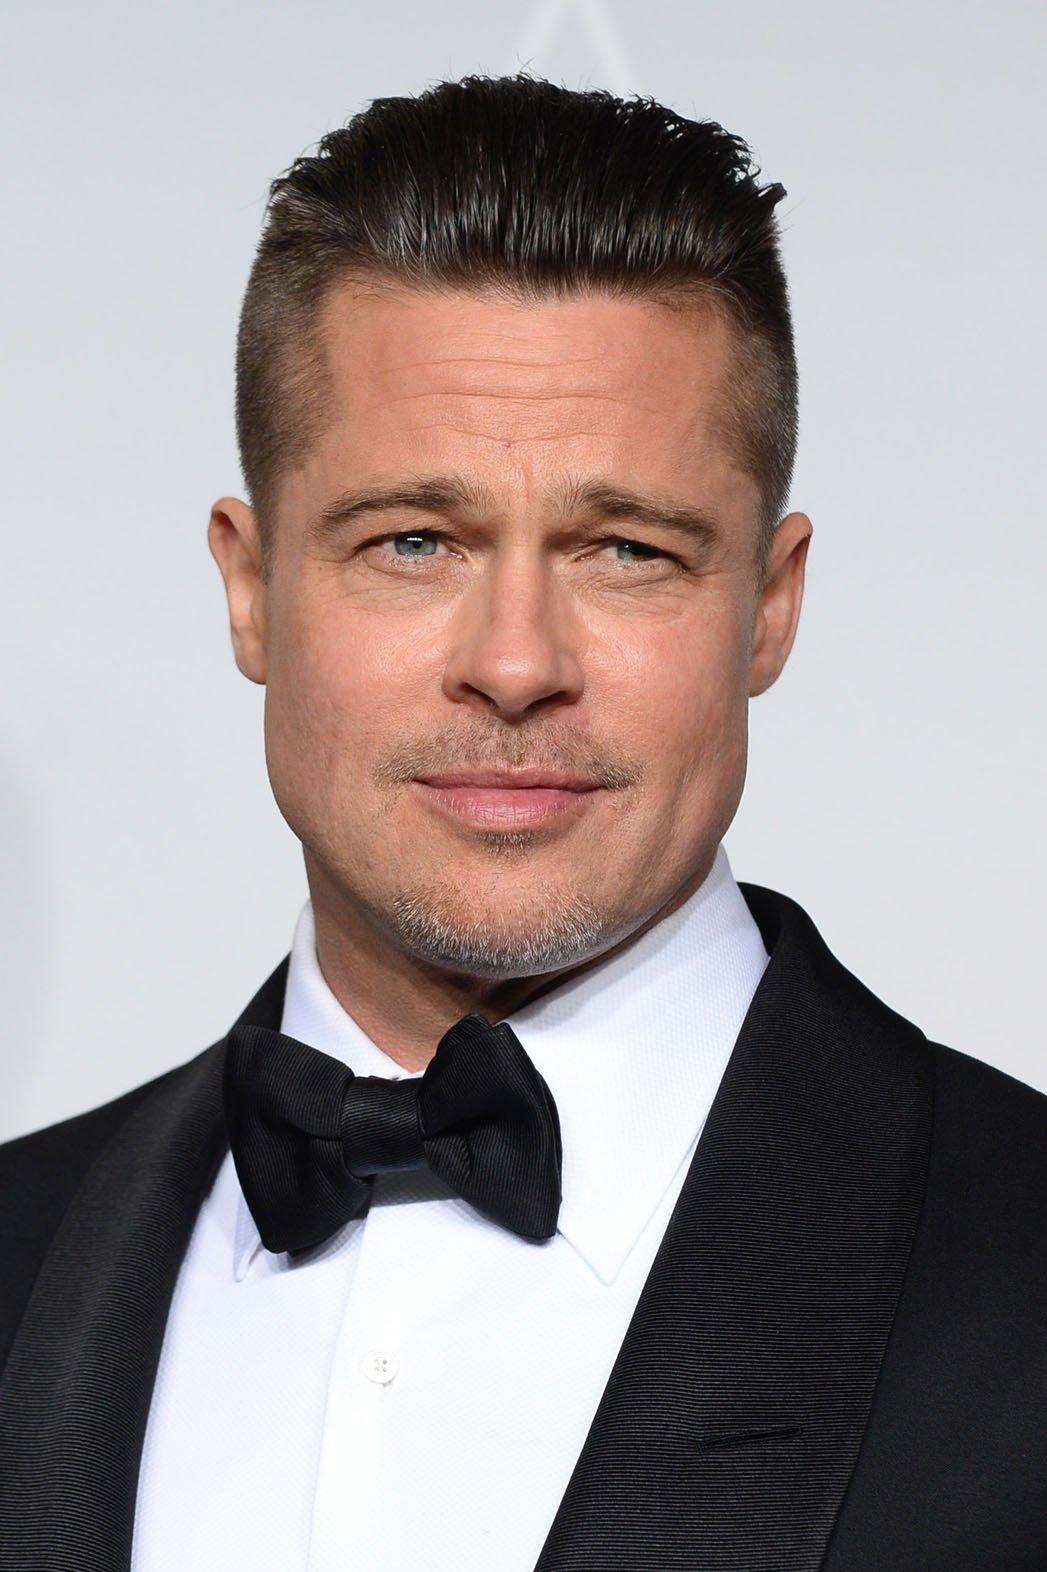 Image Brad Pitt Png Fury Wiki Fandom Powered By Wikia